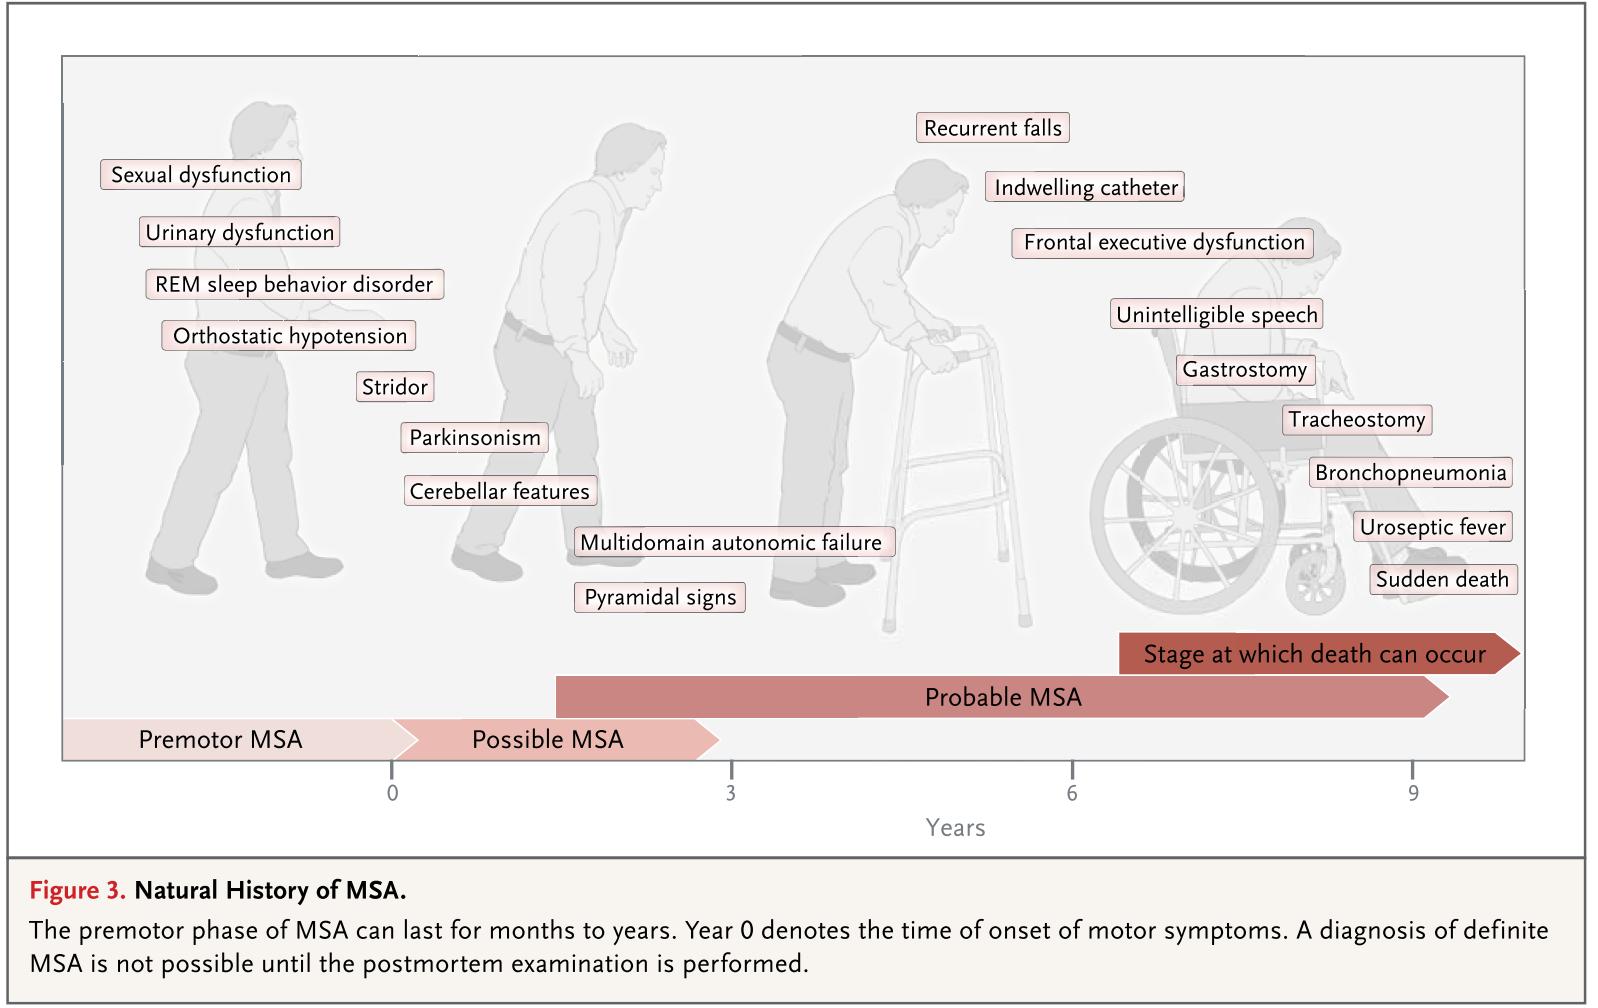 多系統萎縮症 MSA: multiple system atrophy